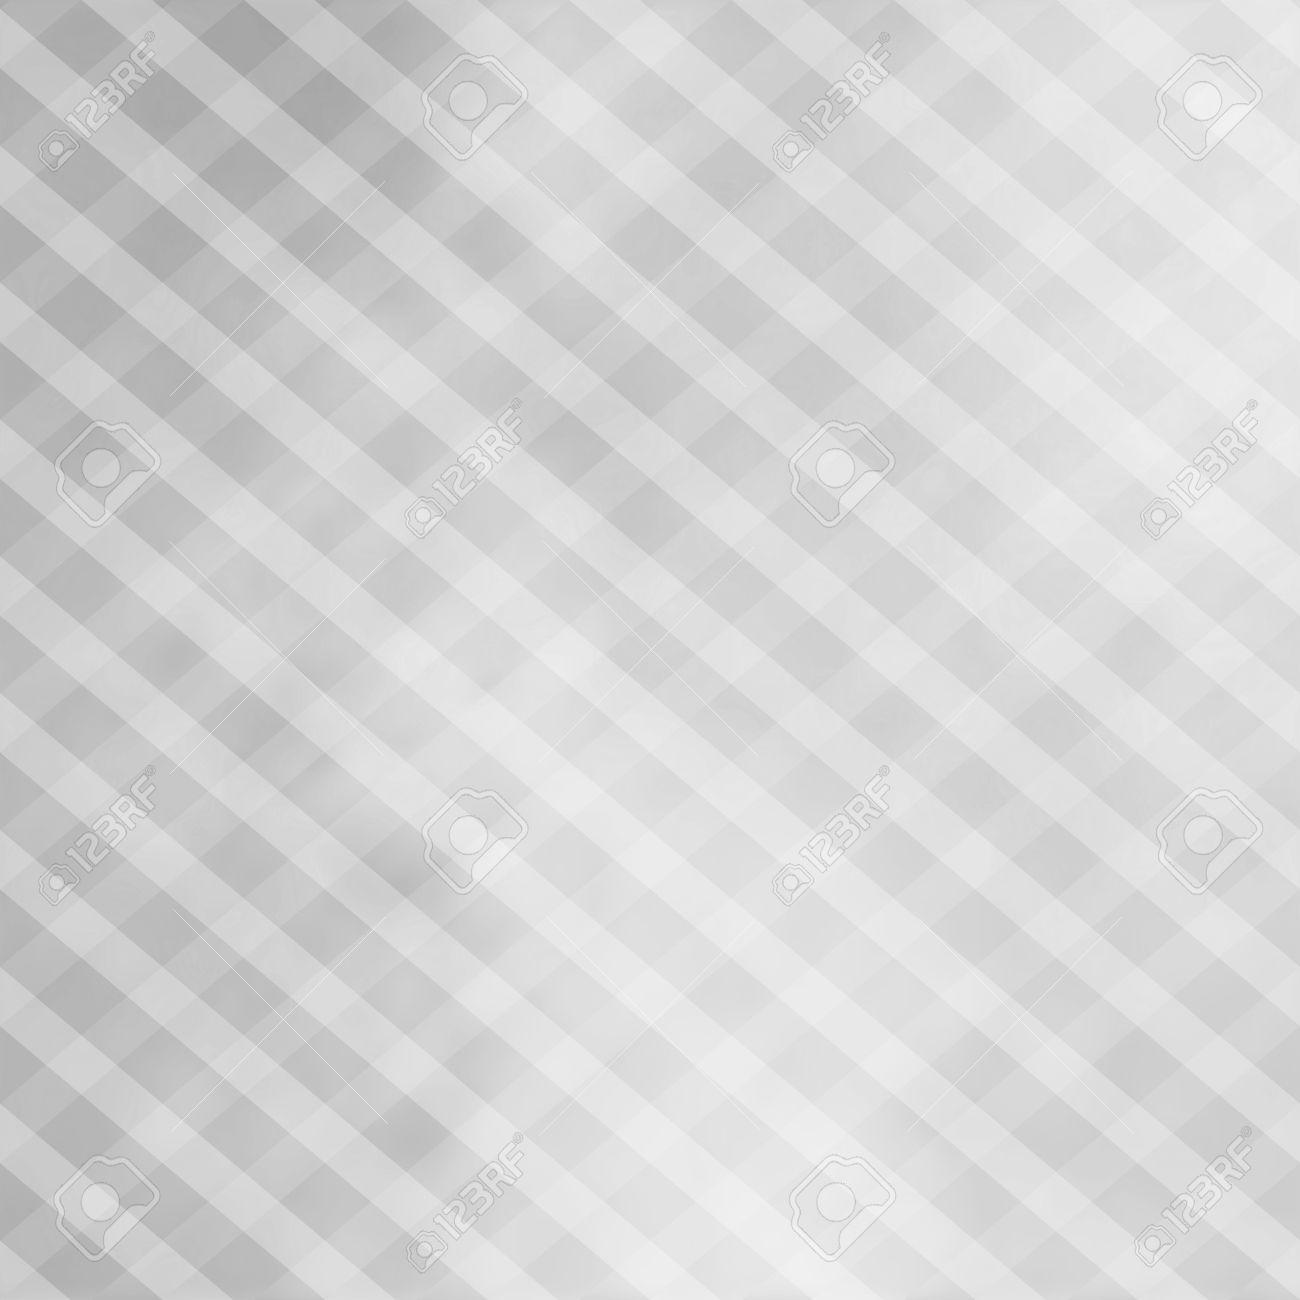 blanco gris resumen patrn de fondo a cuadros con rayas con manchas borrosas bajo la pintura